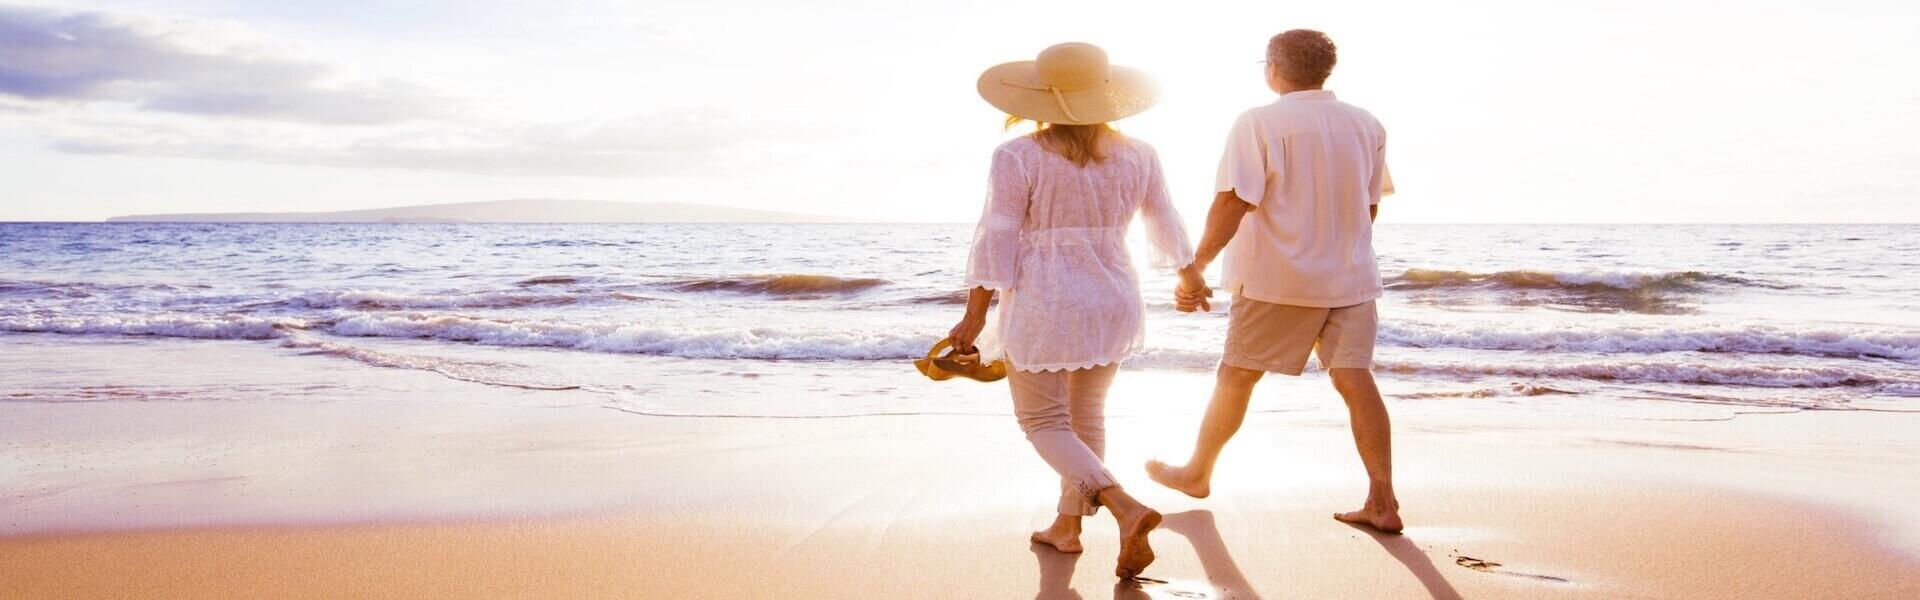 Couple walks on beach